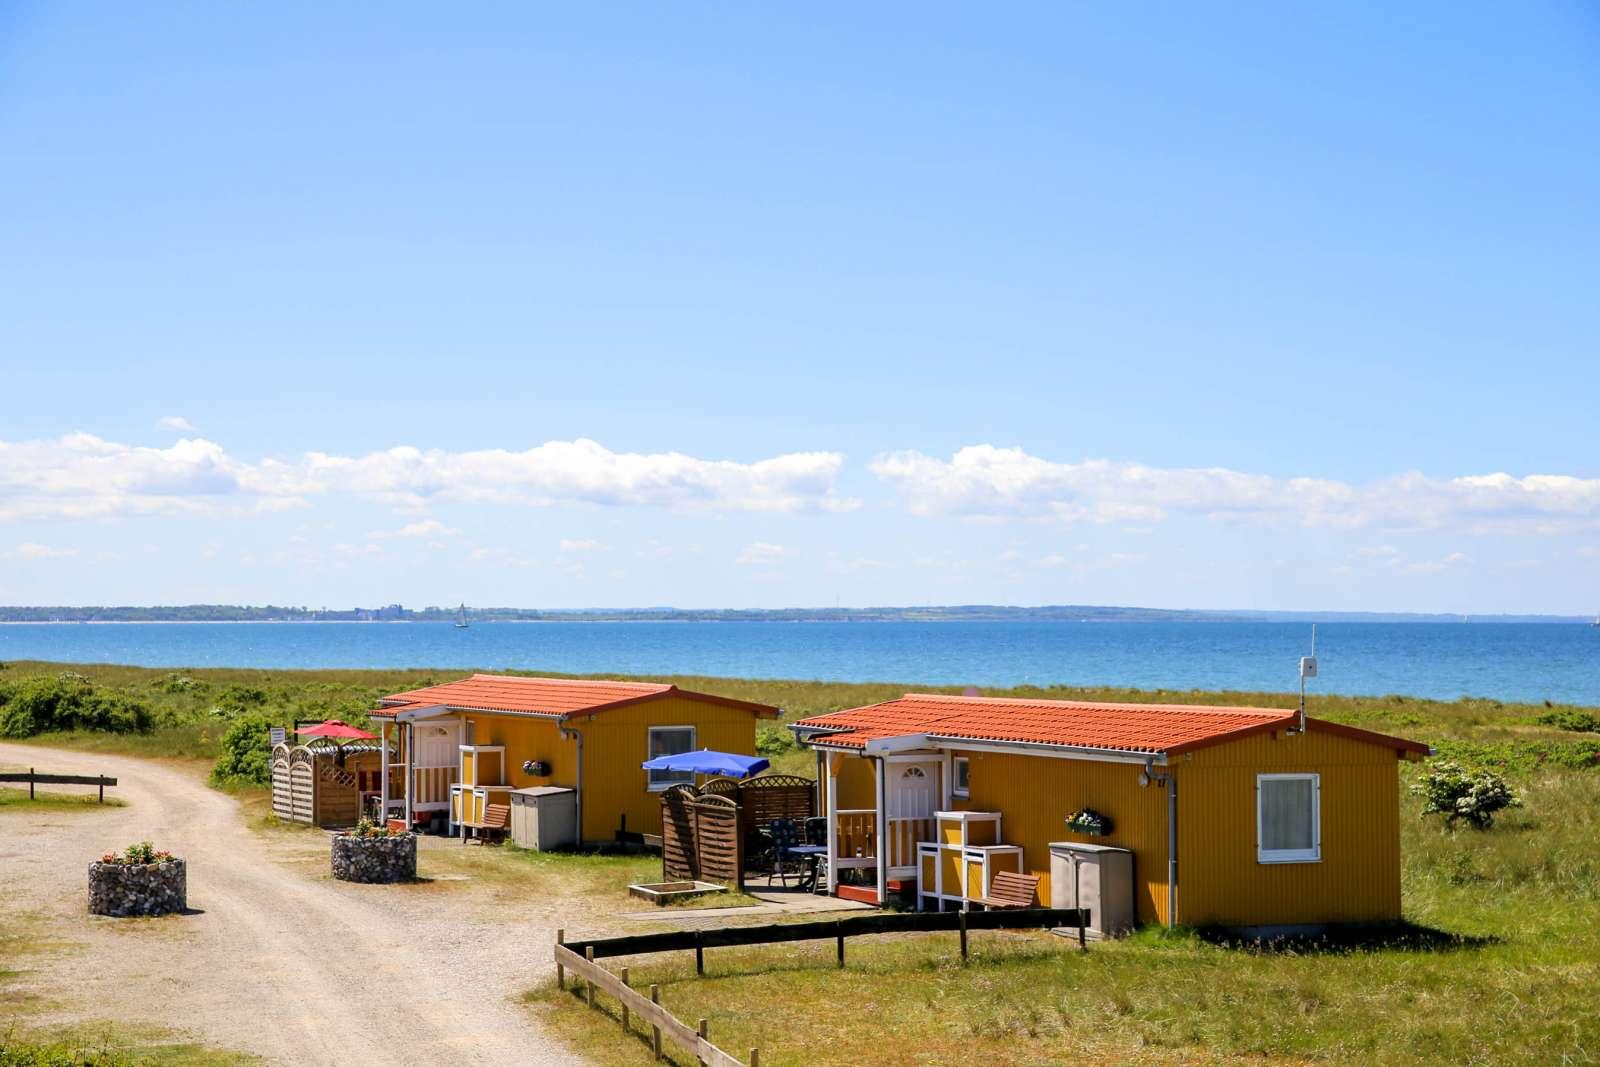 Ferienhäuschen am Strand auf Fehmarn - Camping Flügger Strand